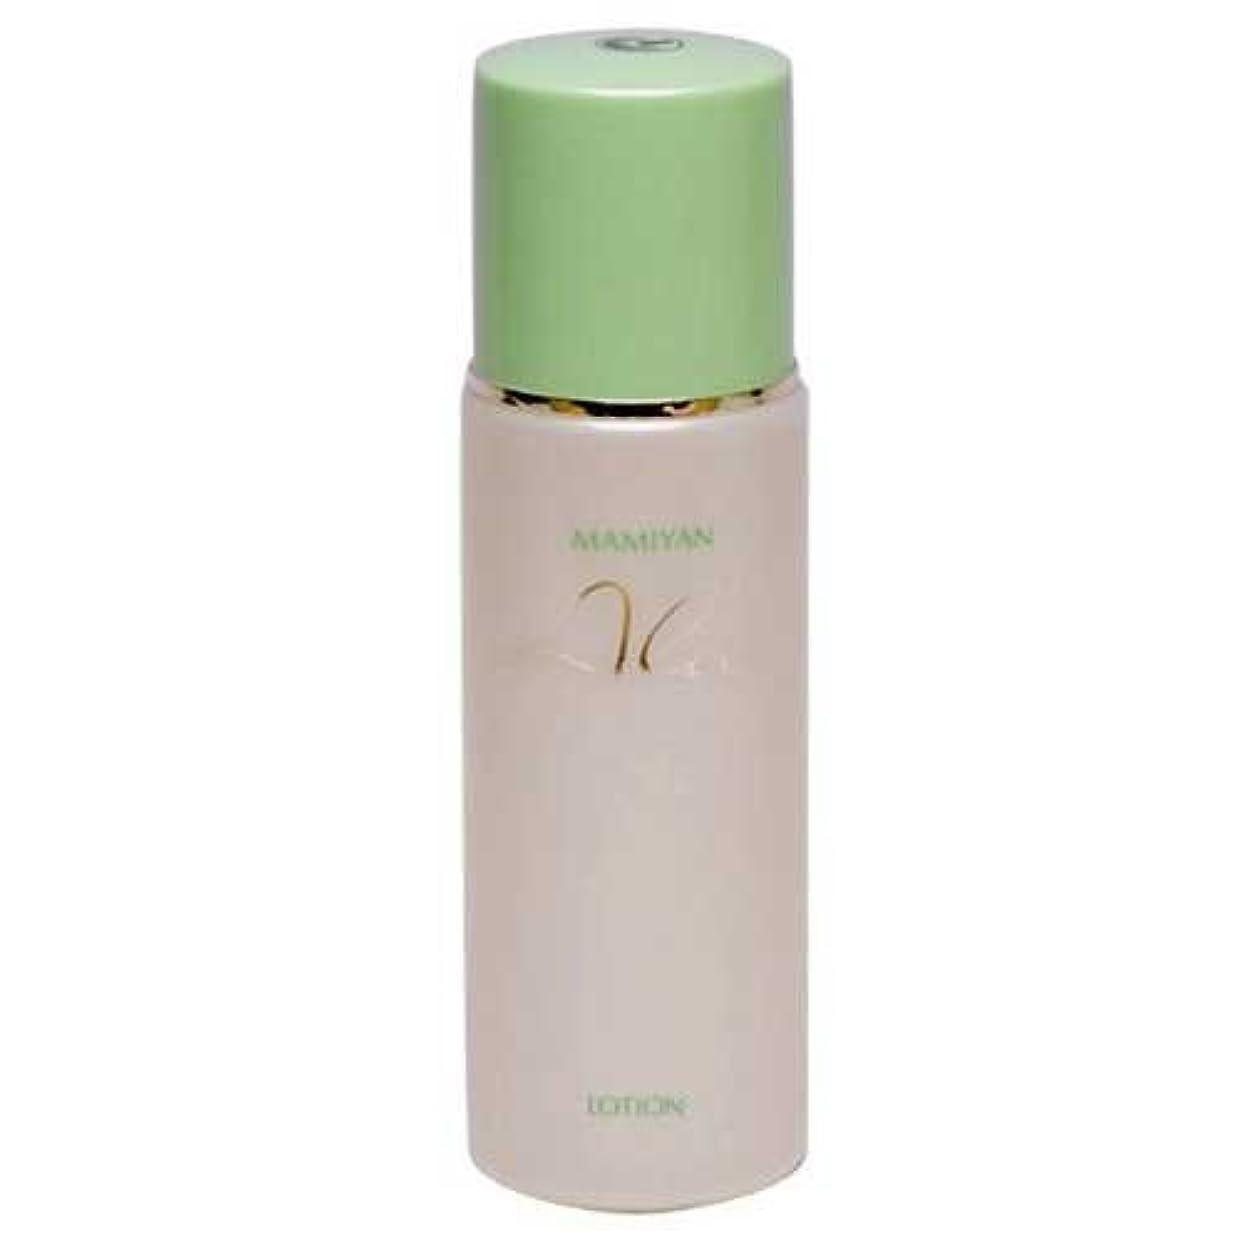 マミヤンアロエ基礎化粧品シリーズ アロエローション 120ml 肌にやさしくなじむ化粧水